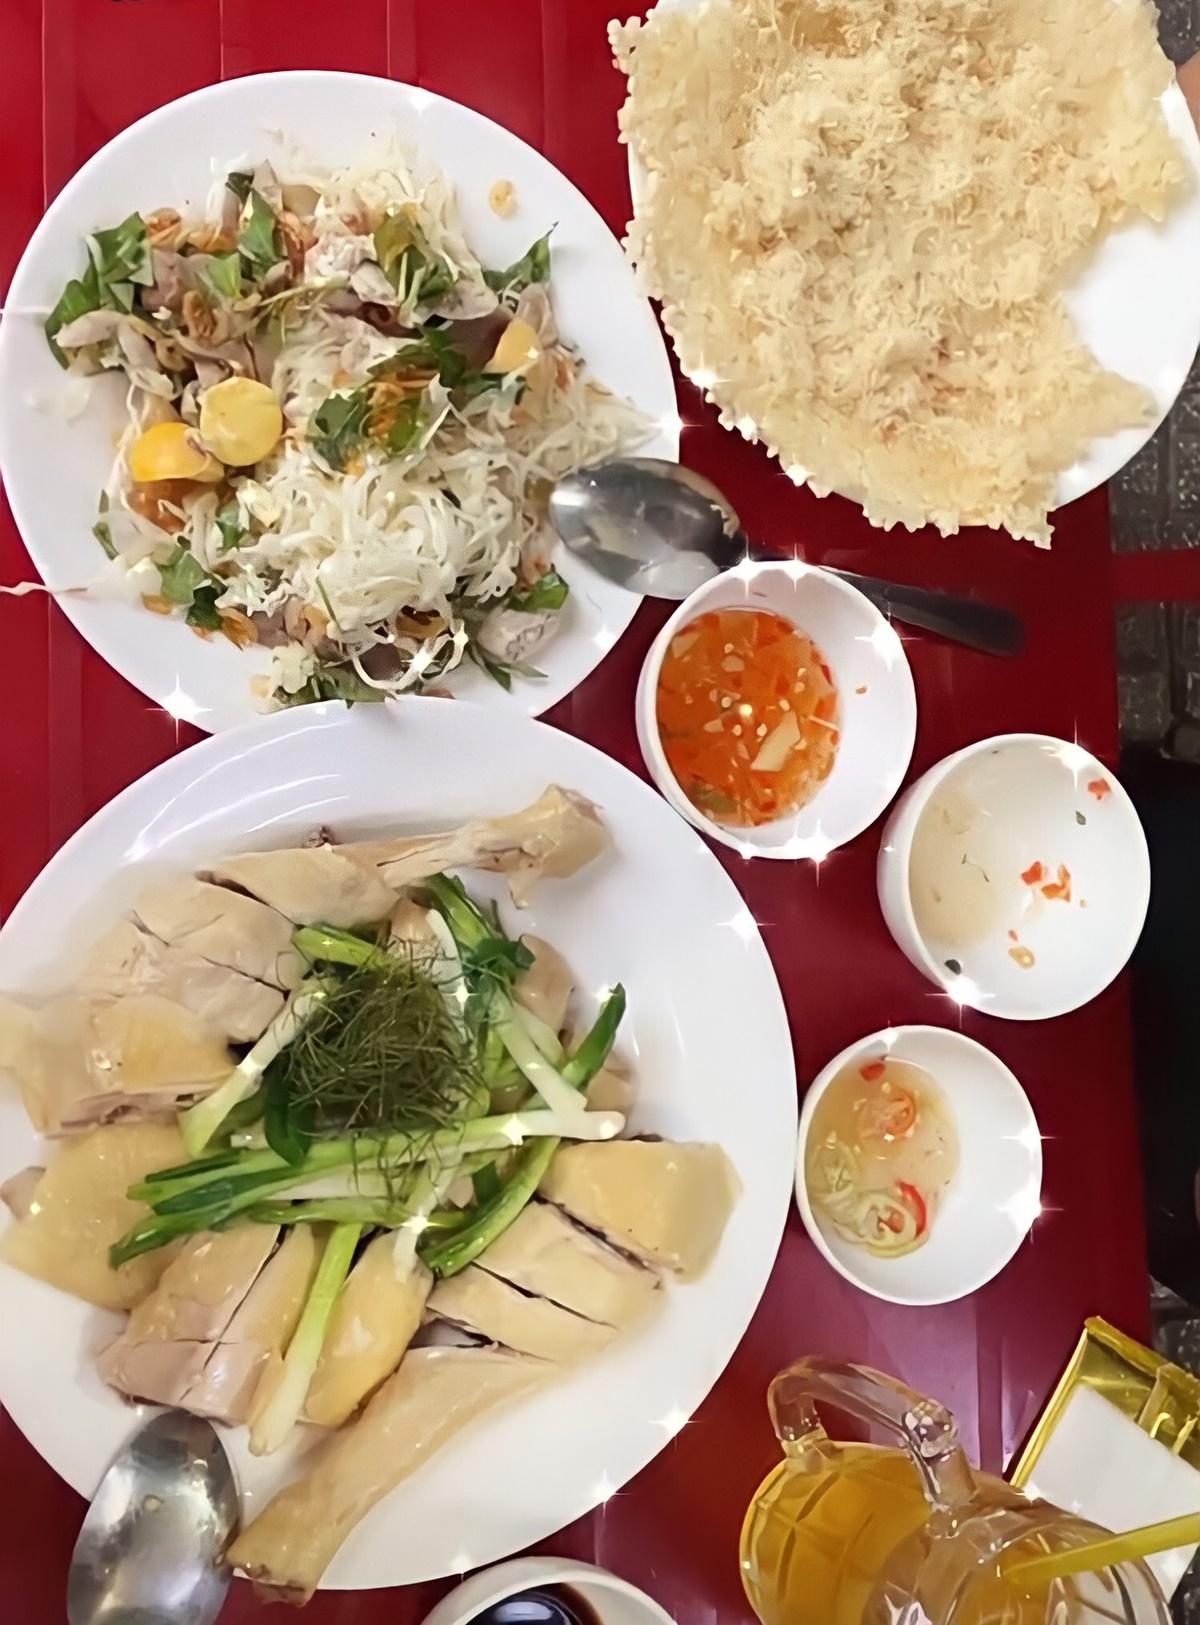 Bàn đồ ăn của vợ chồng Tóc Tiên.